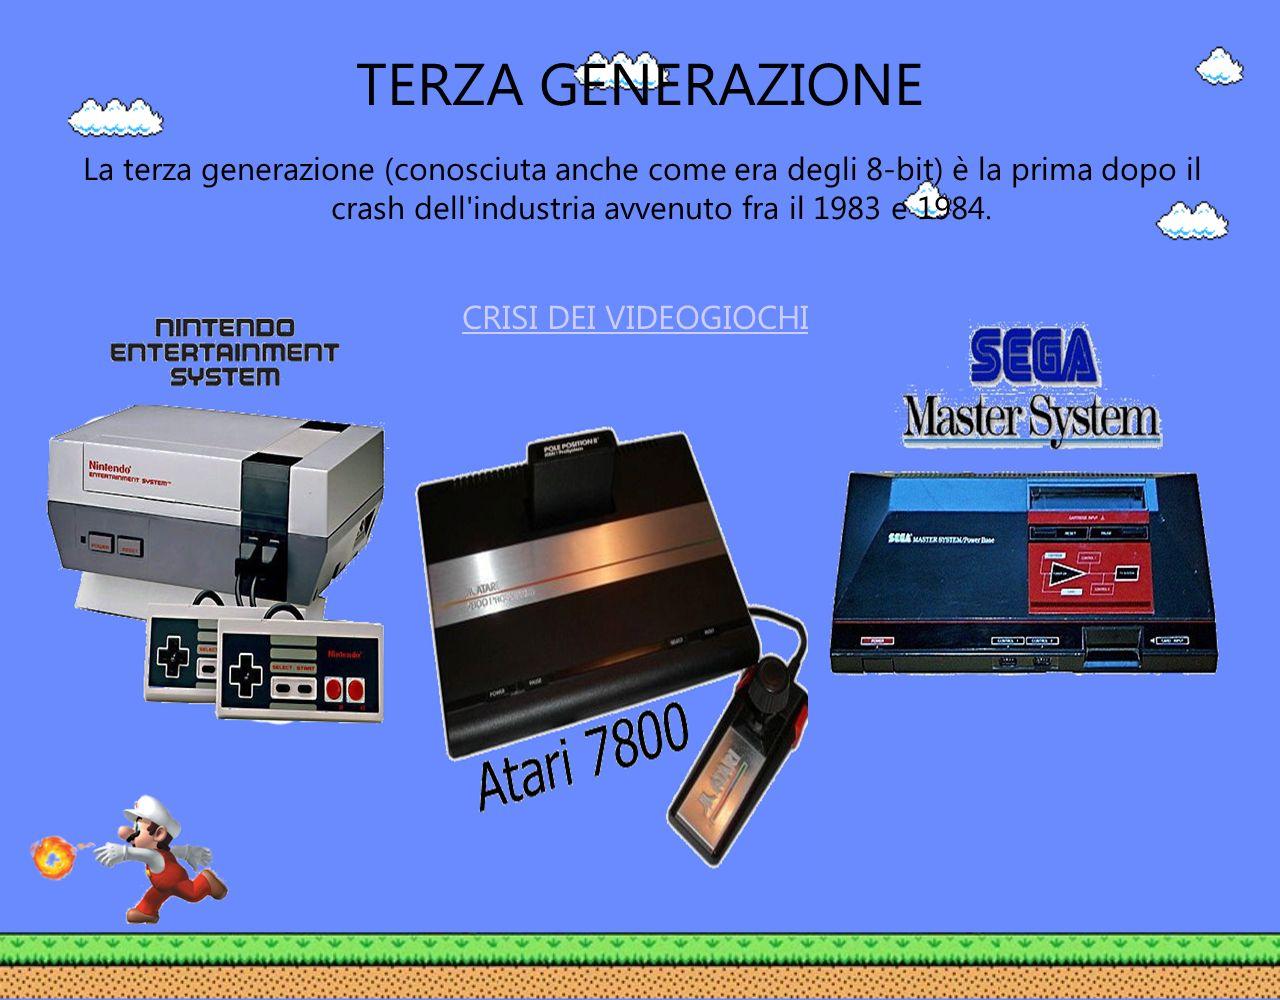 TERZA GENERAZIONE La terza generazione (conosciuta anche come era degli 8-bit) è la prima dopo il crash dell'industria avvenuto fra il 1983 e 1984. CR